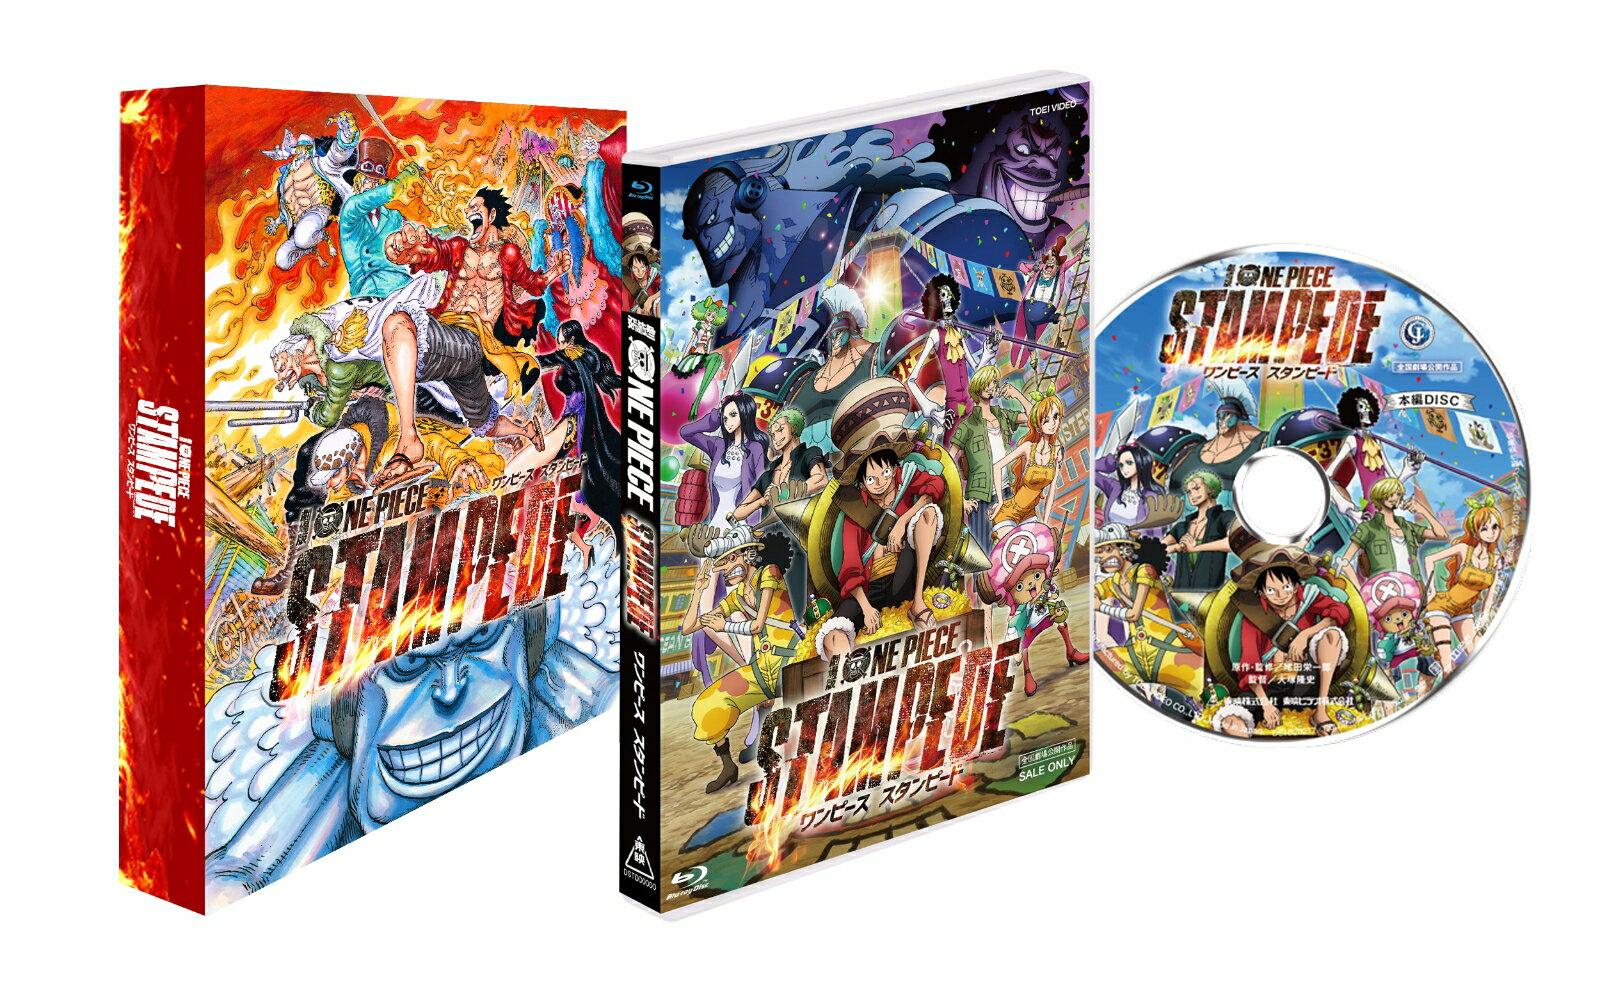 劇場版『ONE PIECE STAMPEDE』スペシャル・エディション(初回生産限定)【Blu-ray】